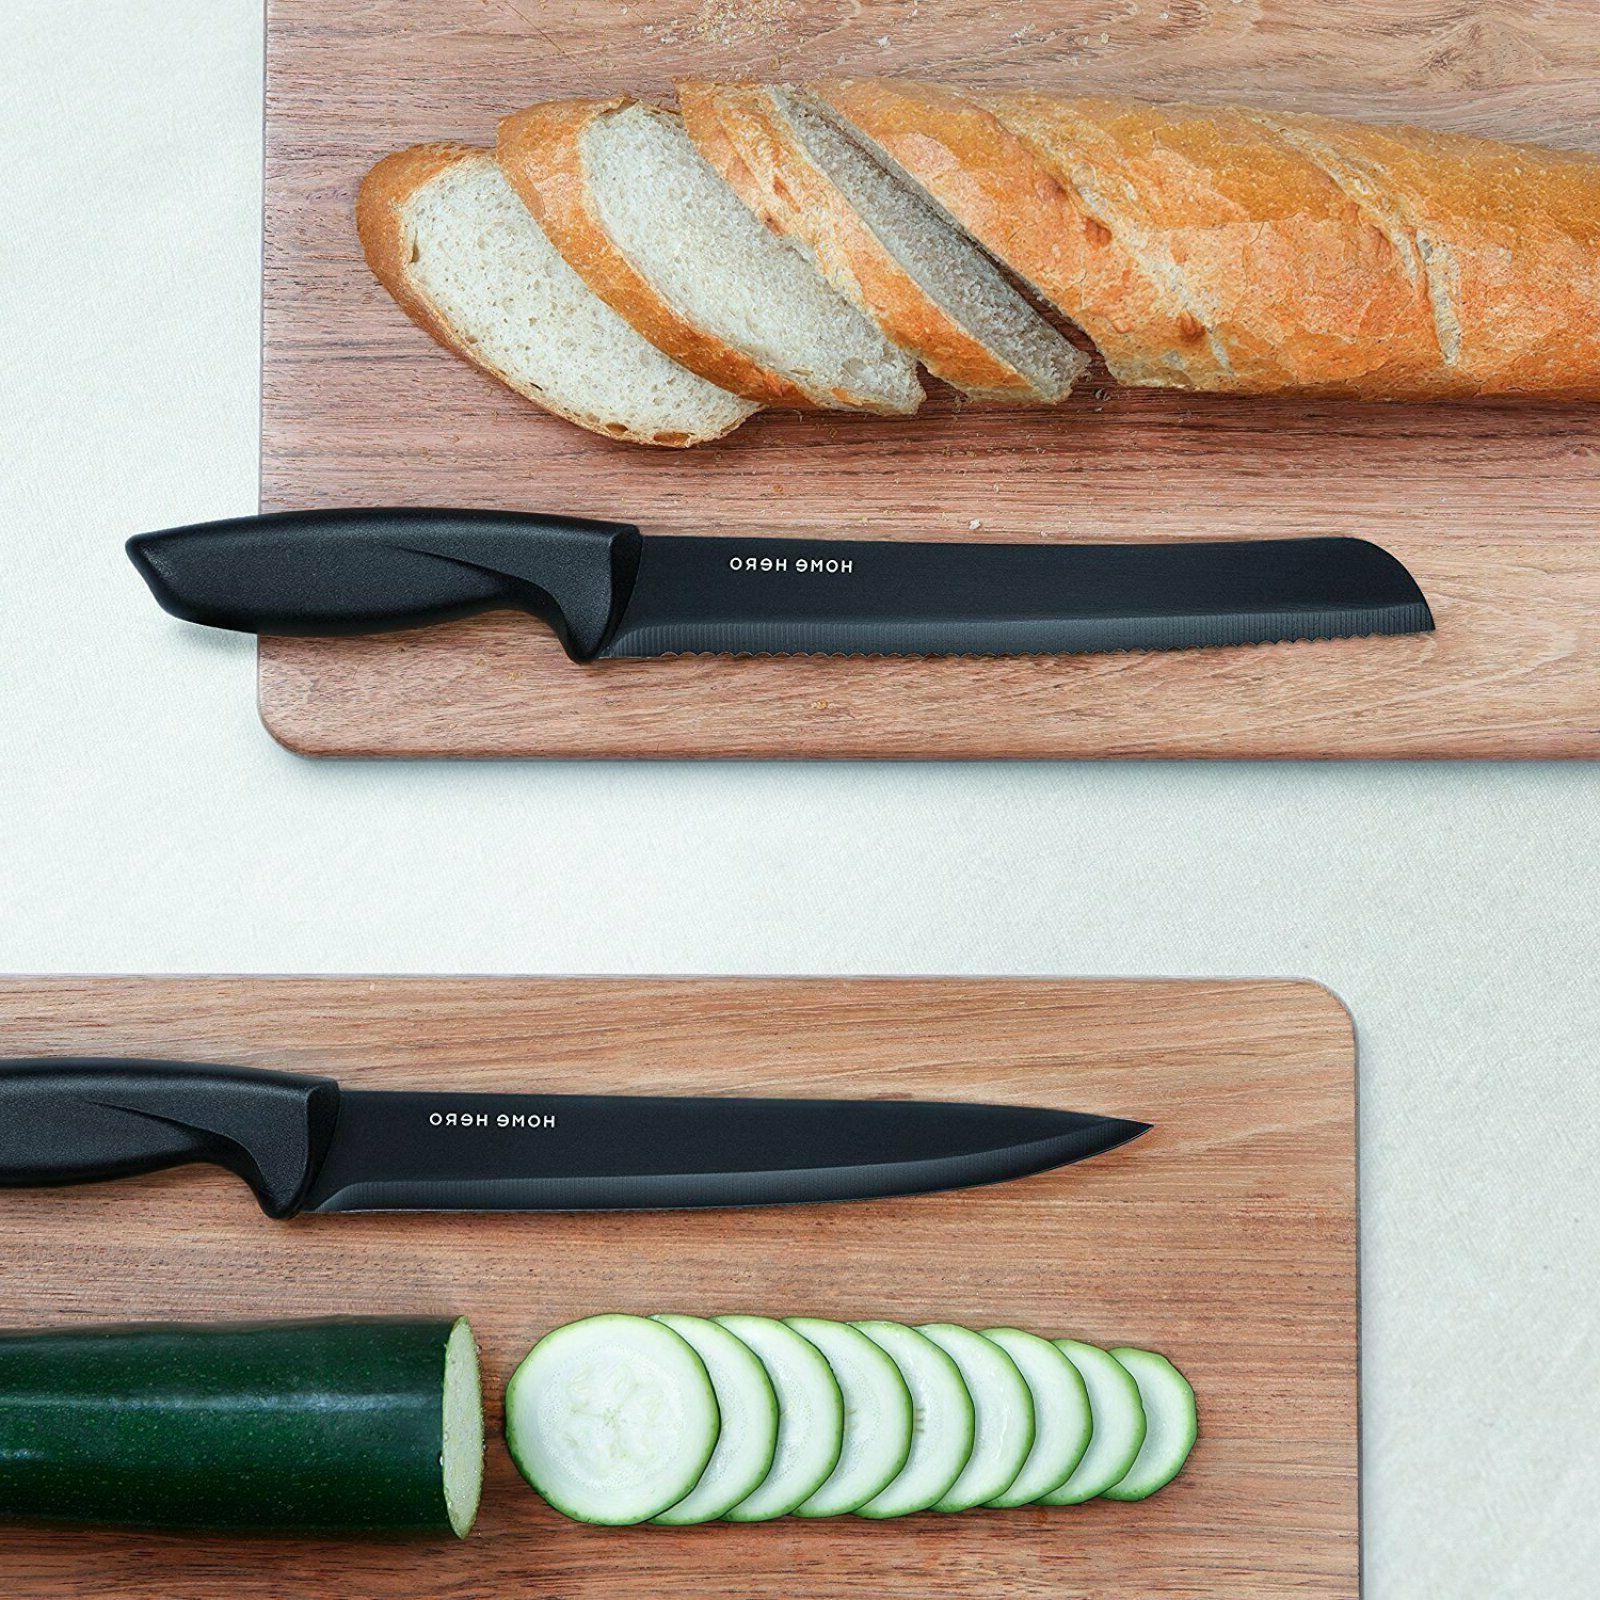 Kitchen Holder Accessories Cutlery Gift Set Chef Knife Sharpener 13 pc